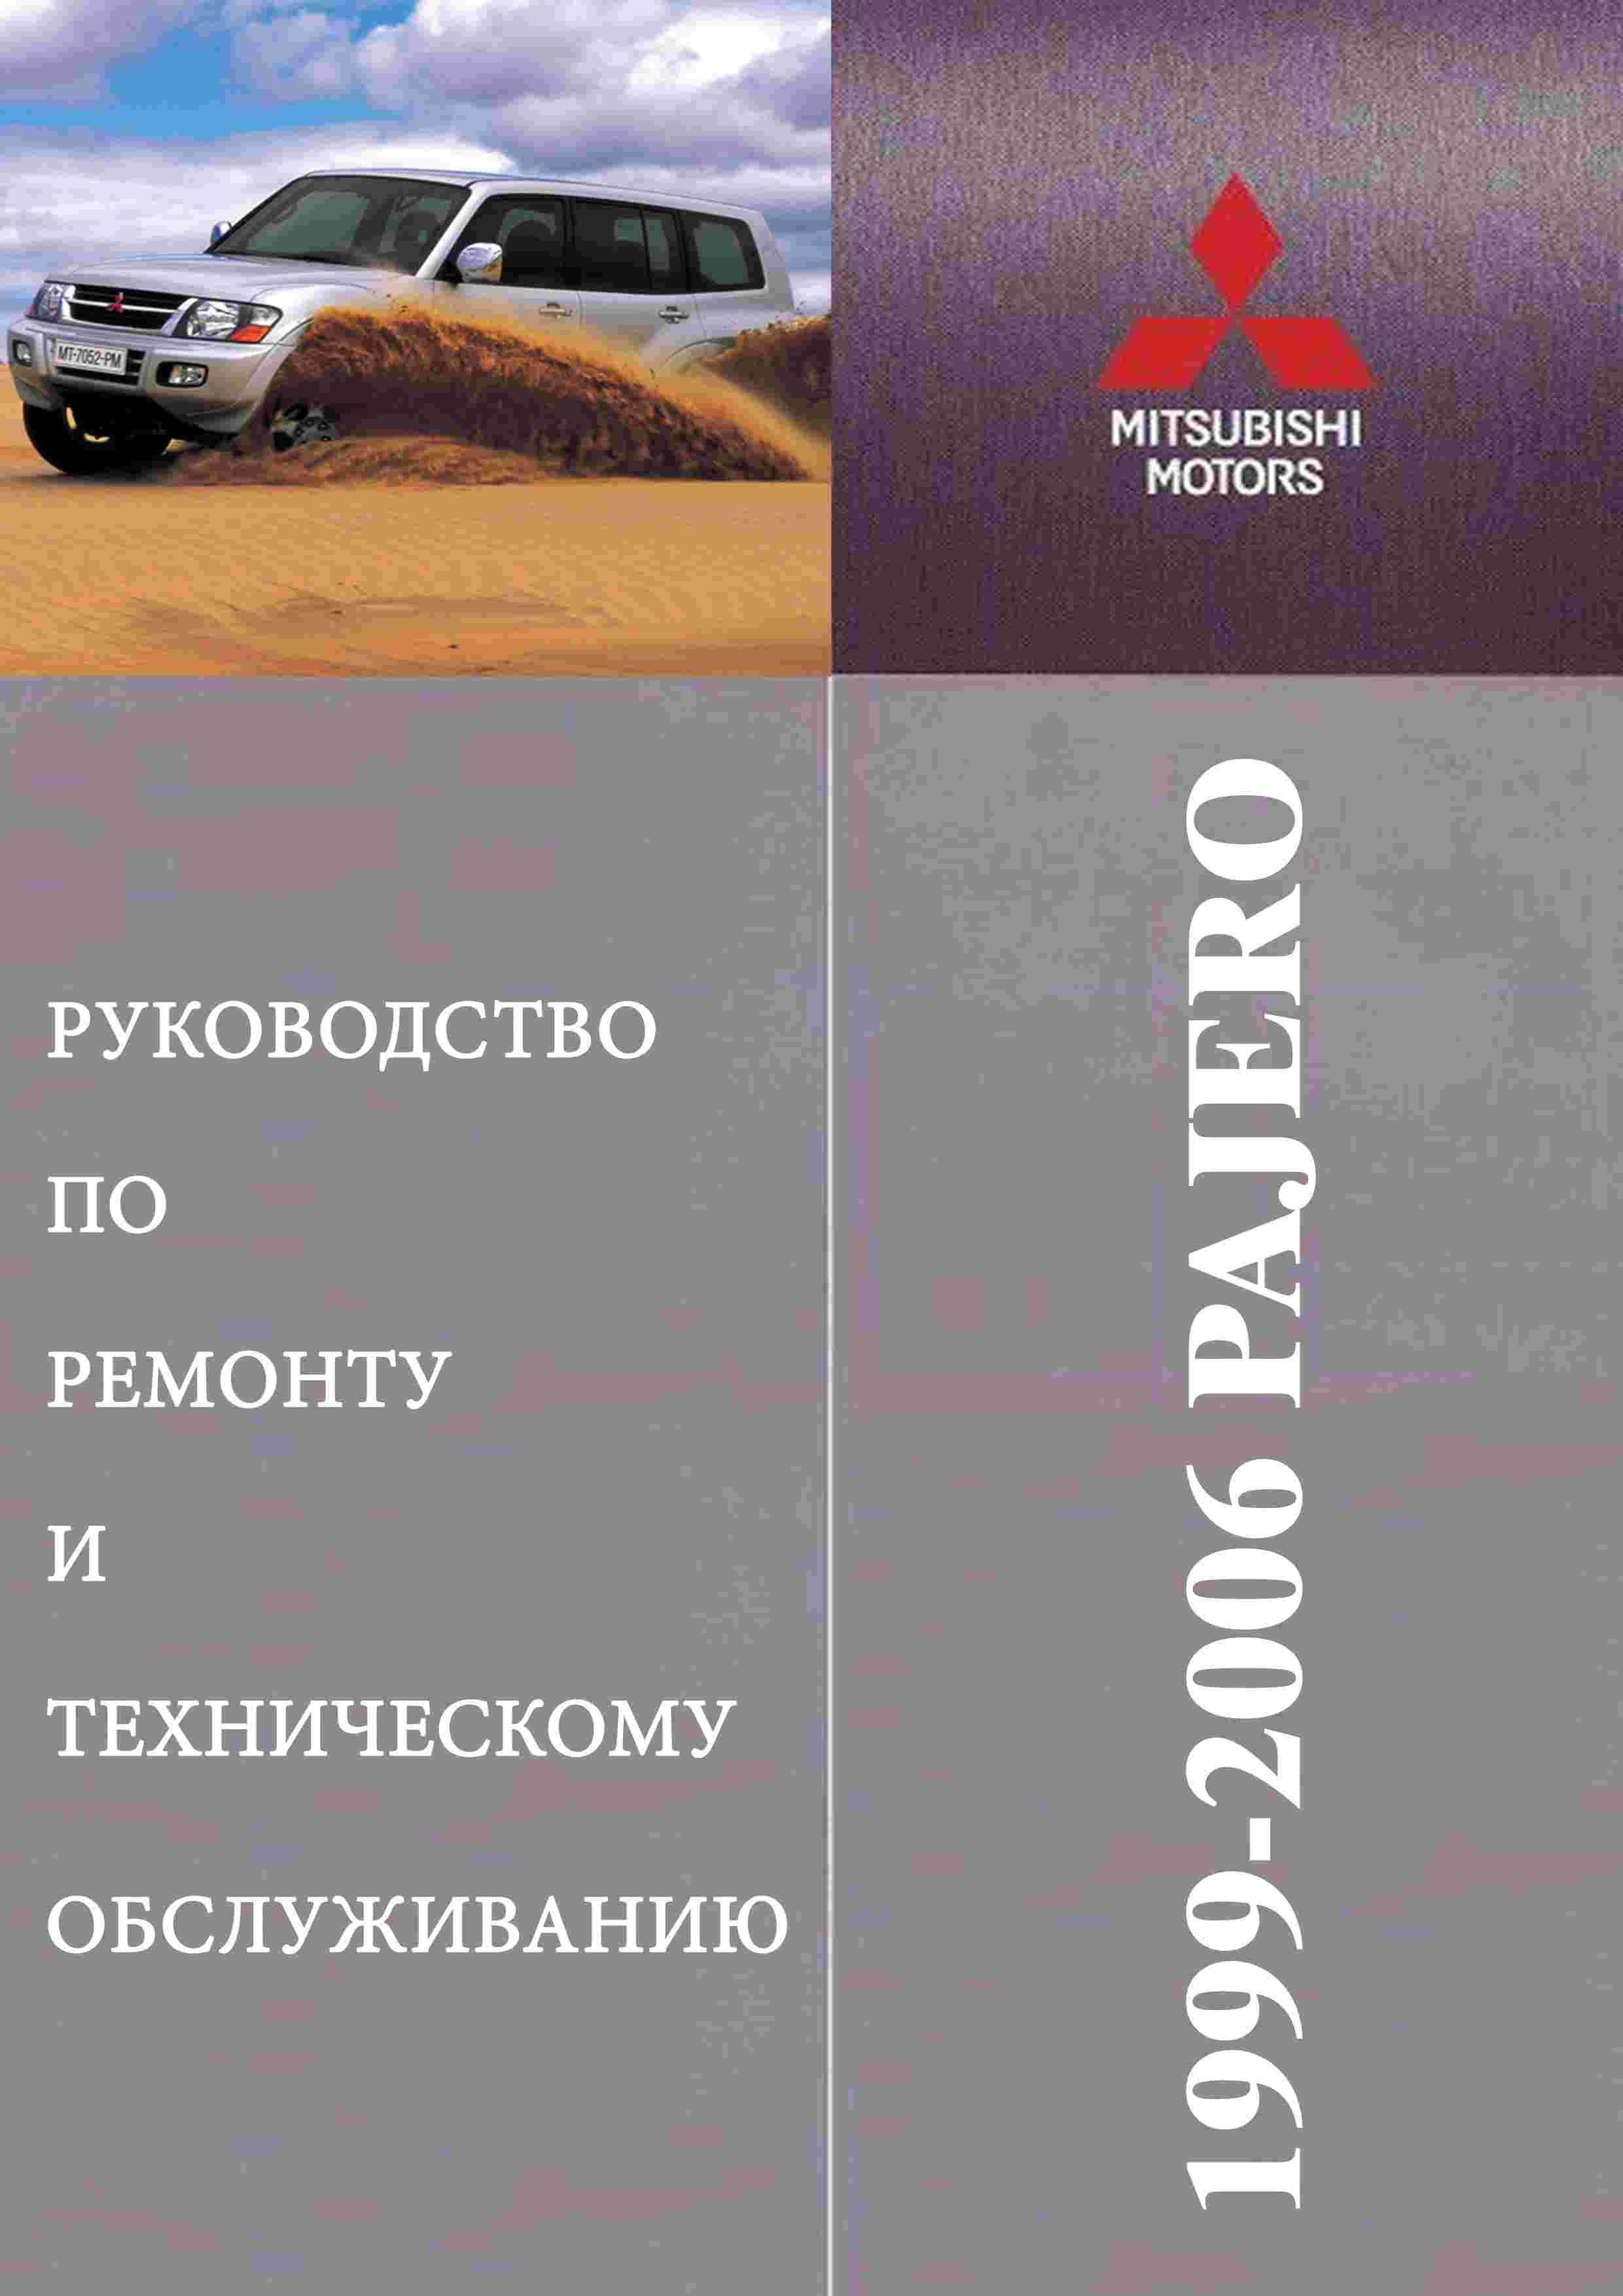 Mitsubishi Montero / Pajero III Модели 2000-2006 Руководство по ремонту и техническому обслуживанию обложка